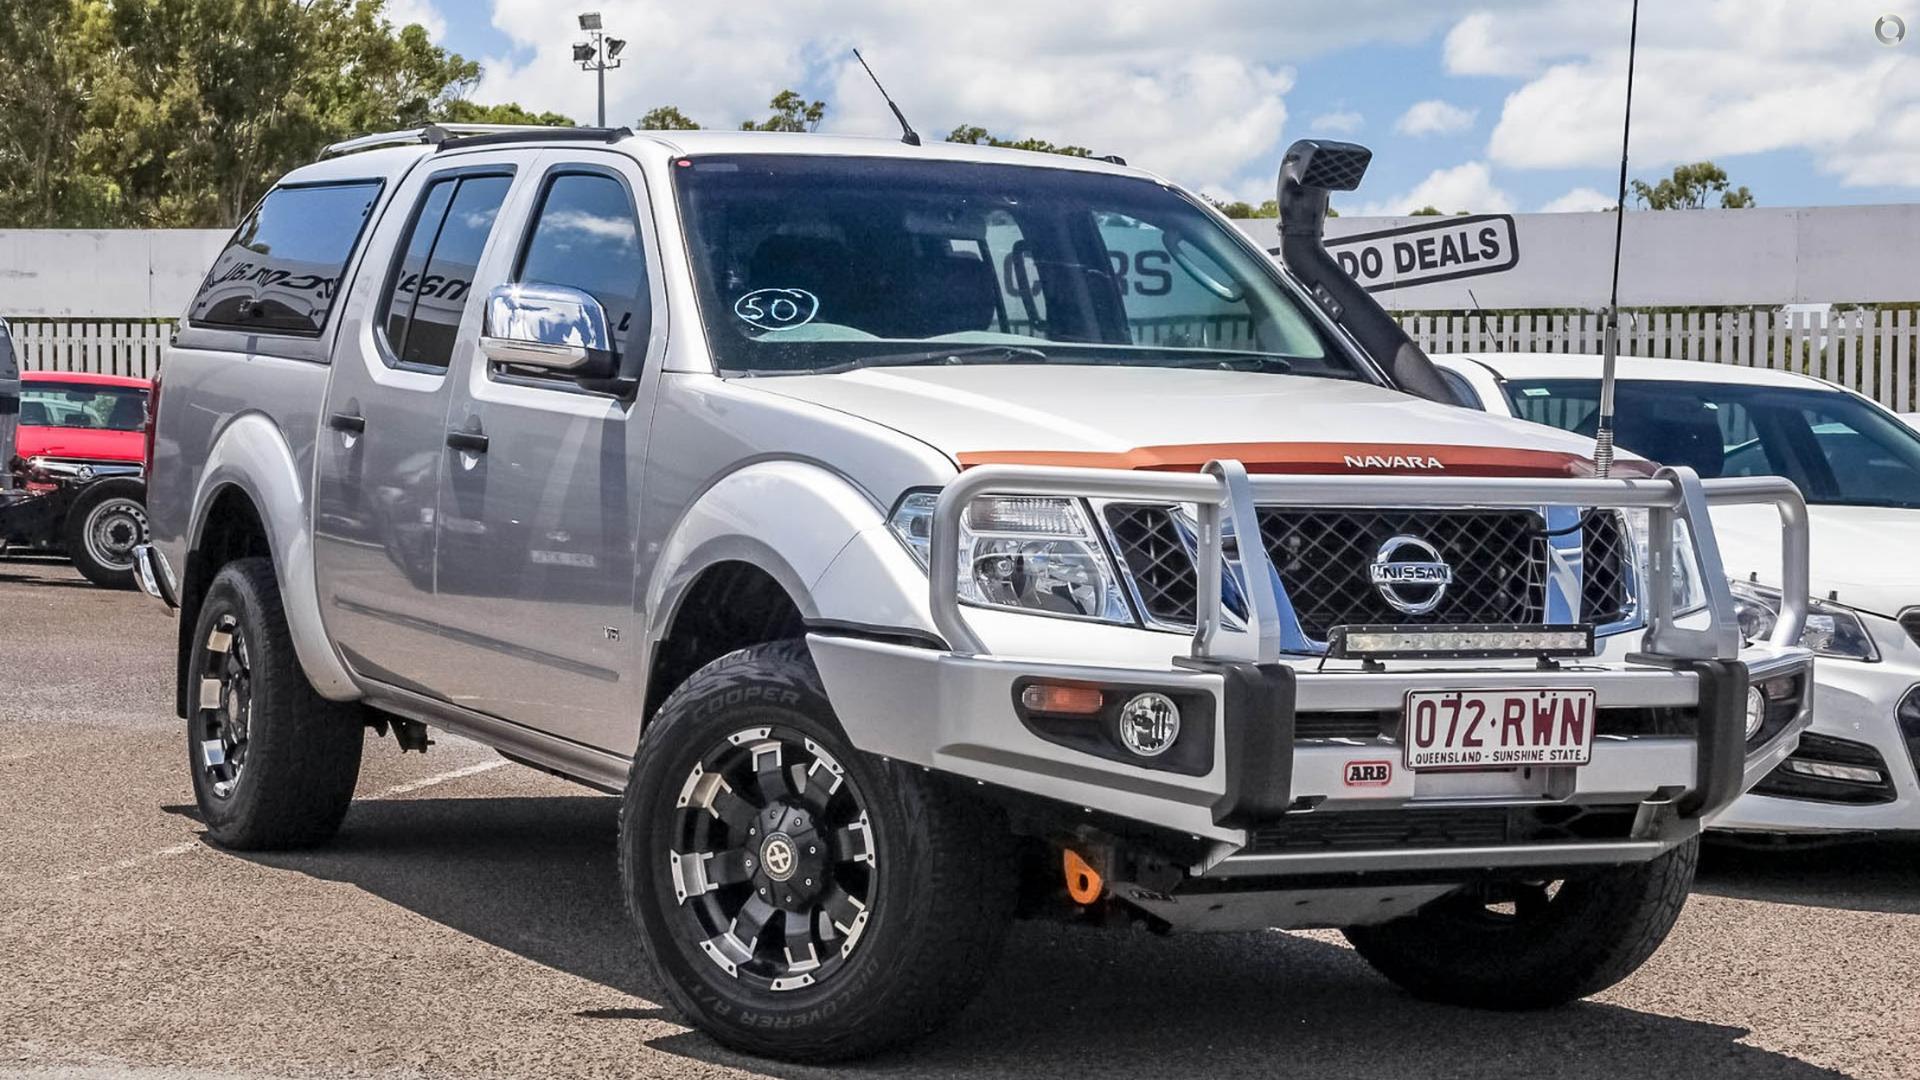 2011 Nissan Navara St-x 550